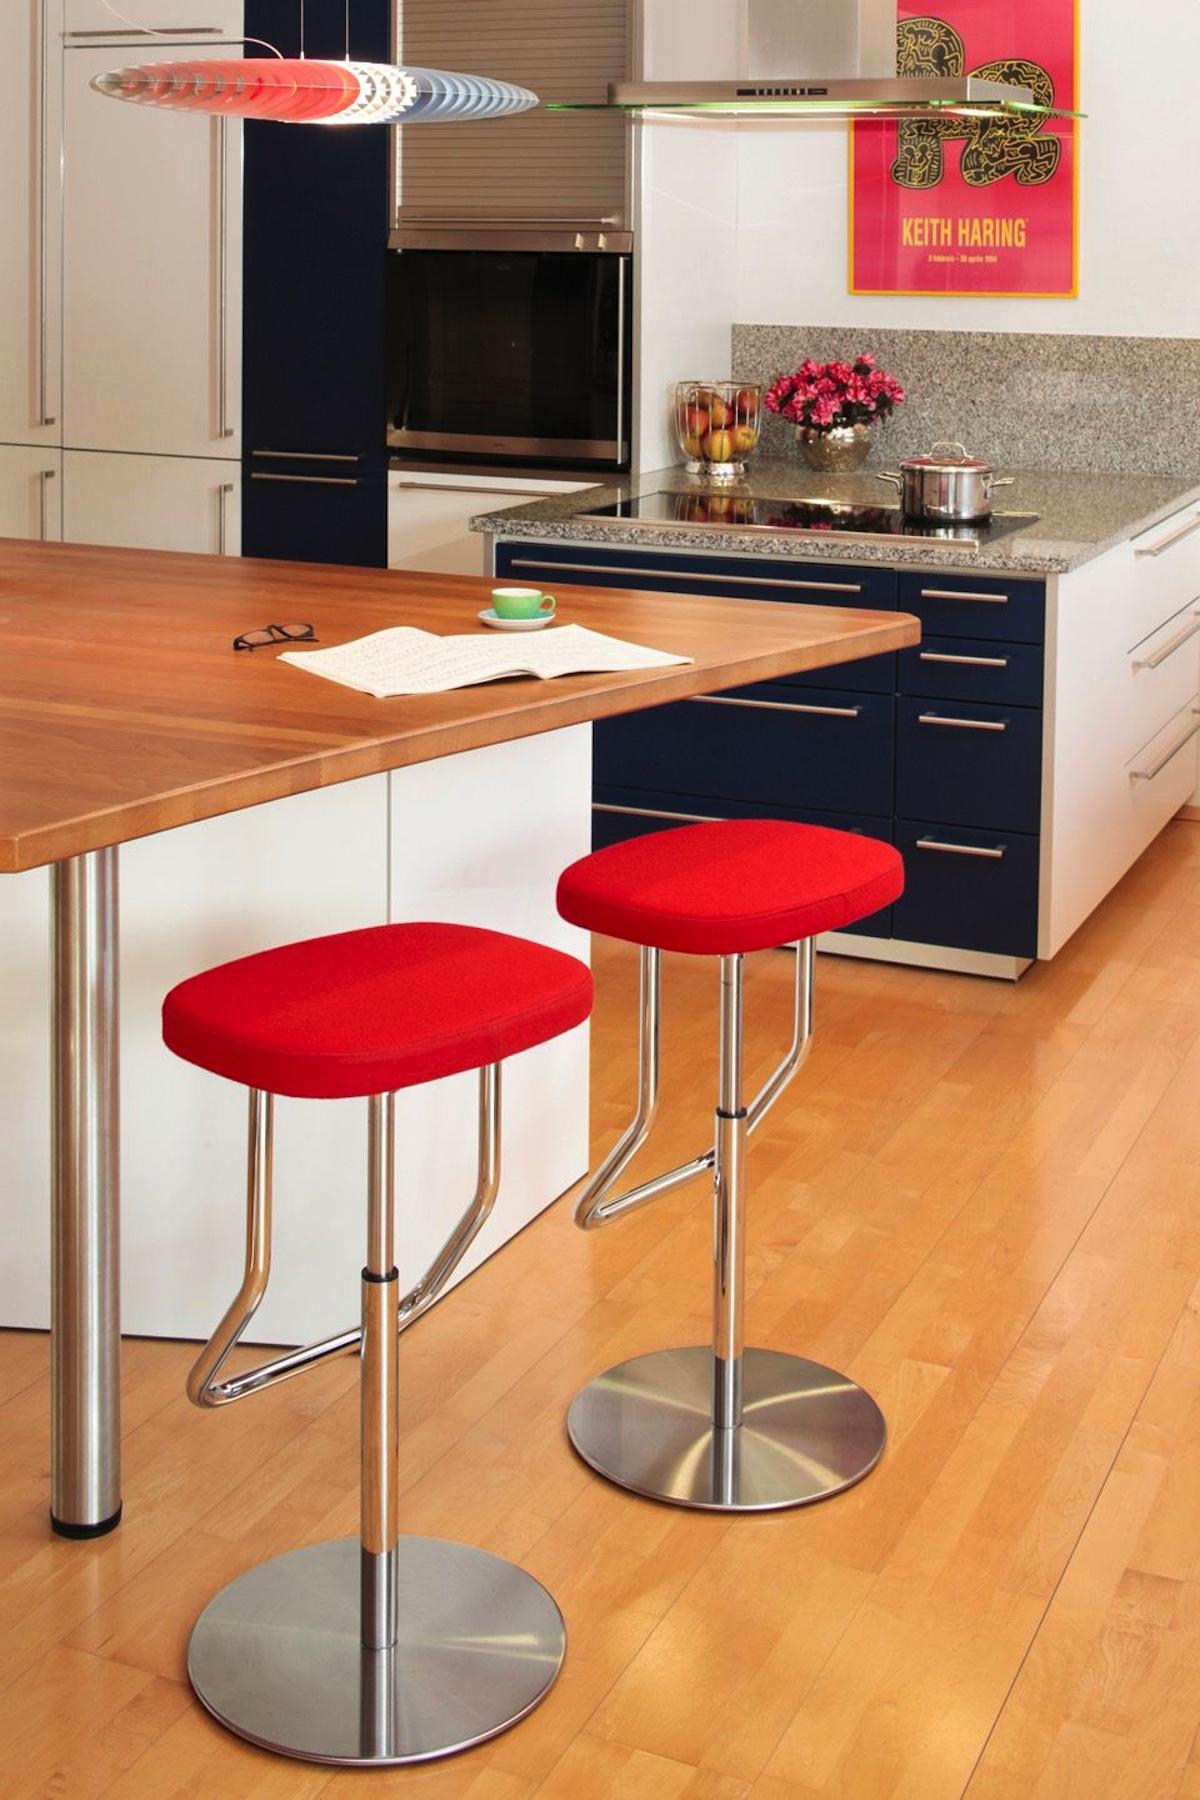 barhocker thonet s 123 von irvine im designlager d lmen. Black Bedroom Furniture Sets. Home Design Ideas